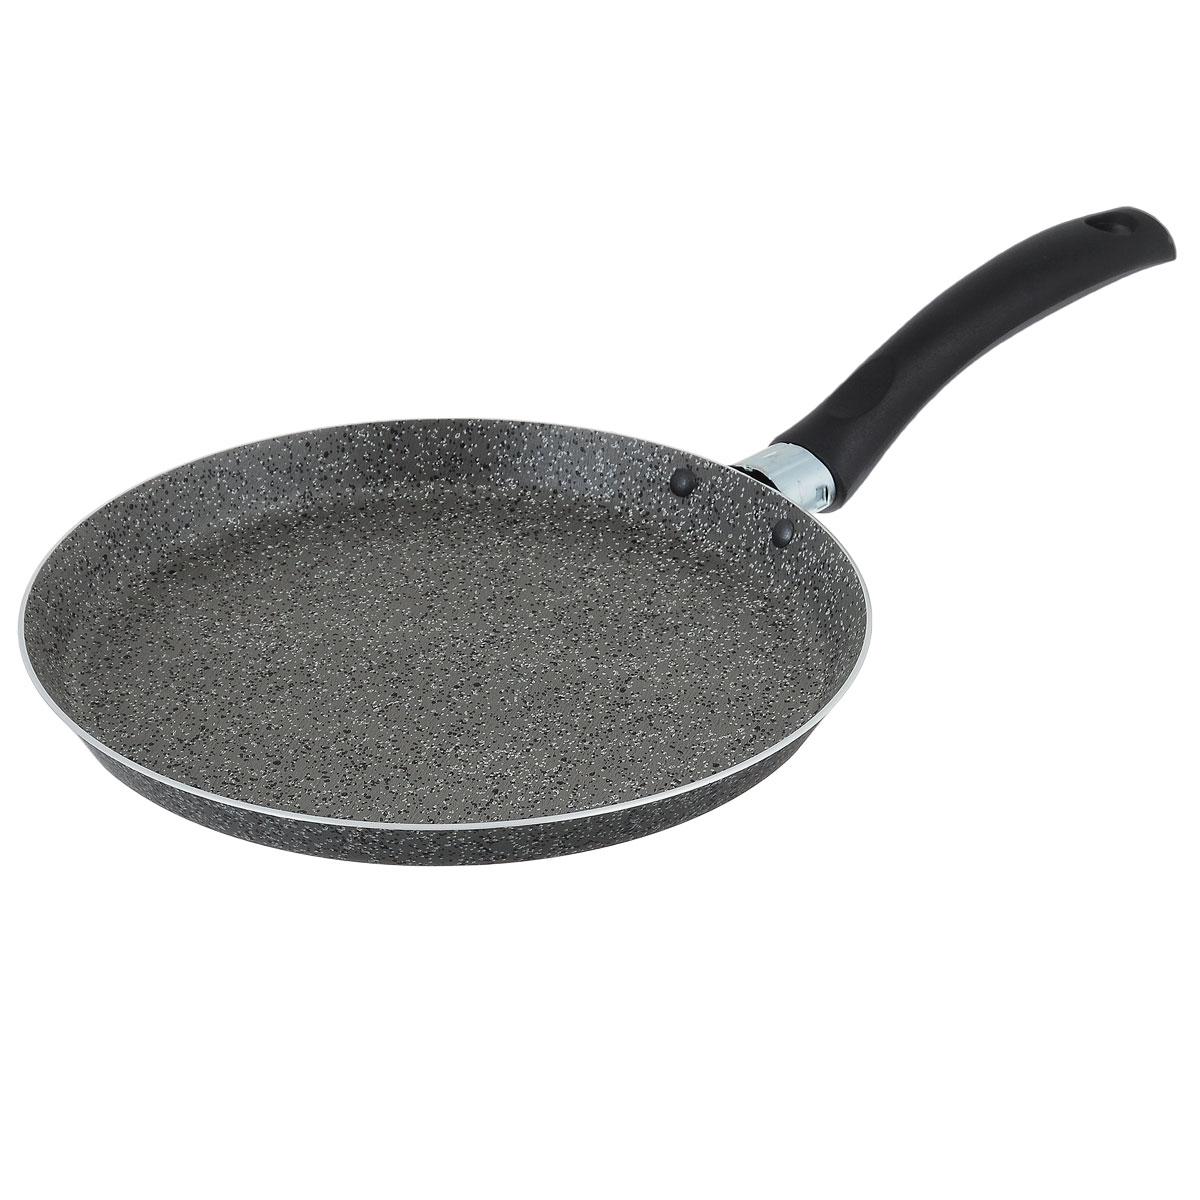 Сковорода для блинов Jarko Onyx, с антипригарным покрытием, цвет: серый. Диаметр 22 смJO-522-20Сковорода для блинов Jarko Onyx выполнена из алюминия с каменным антипригарным покрытием. Покрытие обладает превосходными антипригарными свойствами, не содержит PFOA, свинца и кадмия. Эргономичная ручка сковороды выполнена из бакелита.Сковорода подходит для всех типов плит, кроме индукционных. Можно мыть в посудомоечной машине. Диаметр дна сковороды: 22 см.Высота стенок сковороды: 2 см.Толщина стенок: 2,7 мм.Толщина дна: 2,7 мм.Длина ручки сковороды: 14 см.